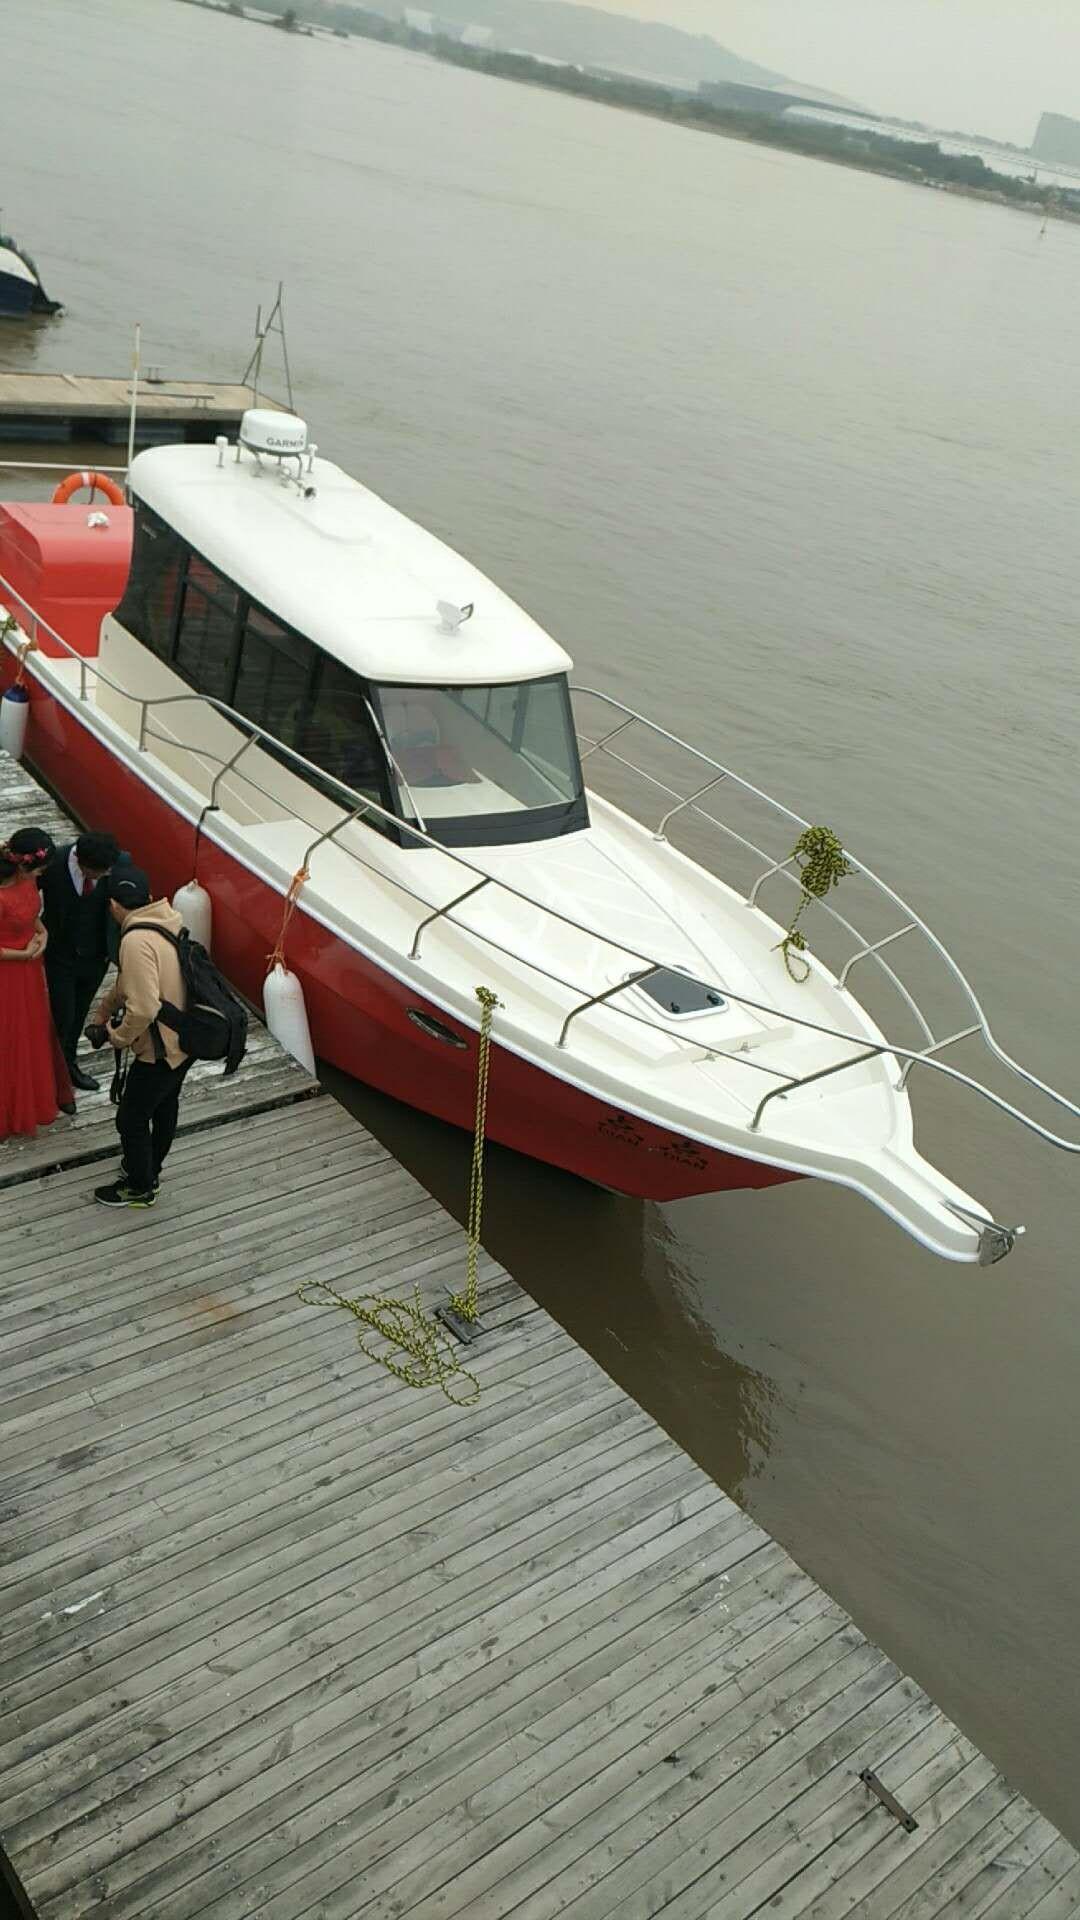 39呎游钓艇,SUZUKI\ 175HP 双机\四冲\液压方向,可选 39尺004.jpg